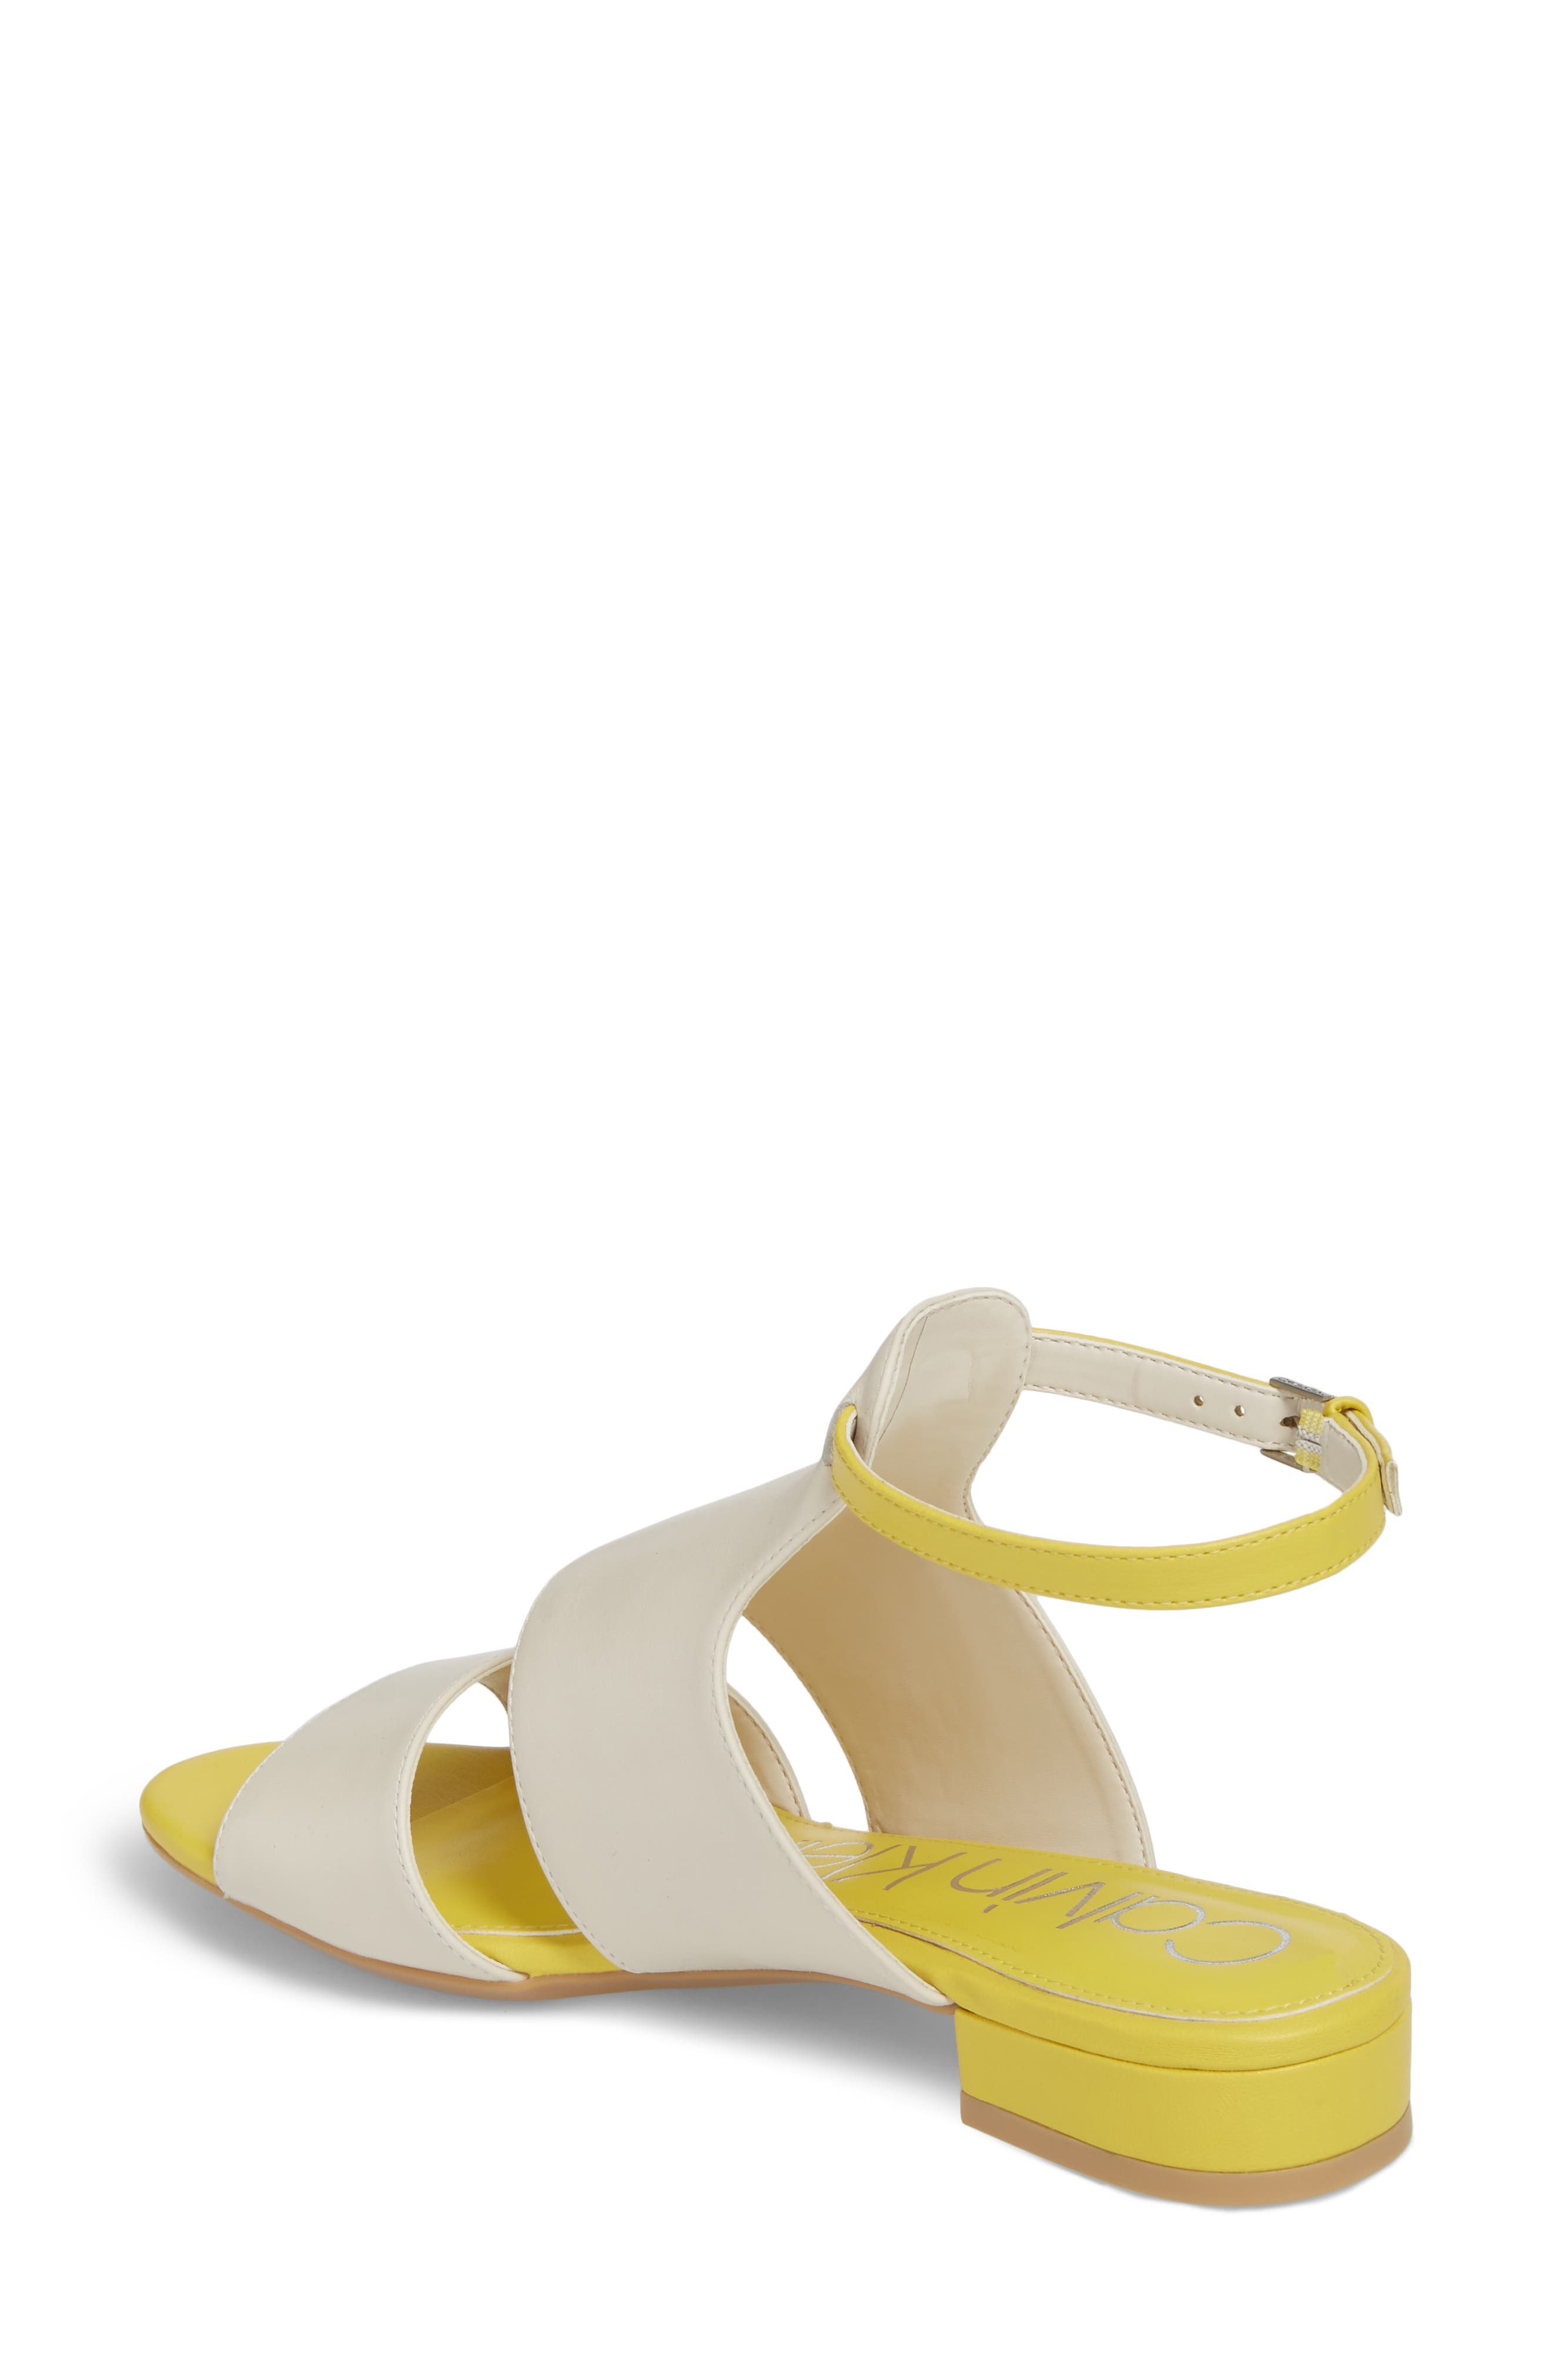 Fernarda Sandal,                             Alternate thumbnail 2, color,                             Soft White Leather